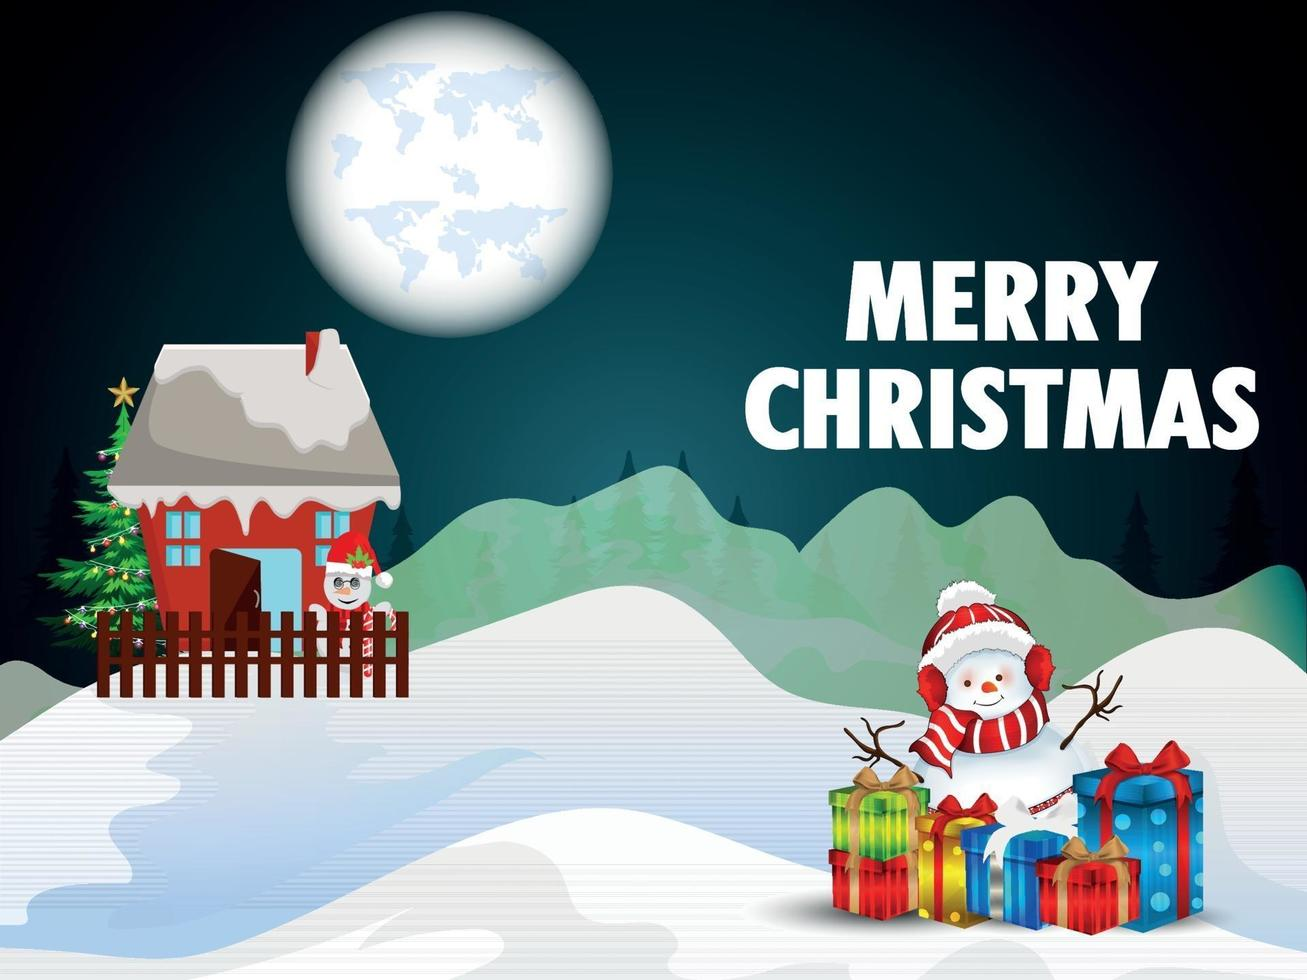 vrolijk kerstfeest uitnodiging wenskaart met vector sneeuwballen en feestballen